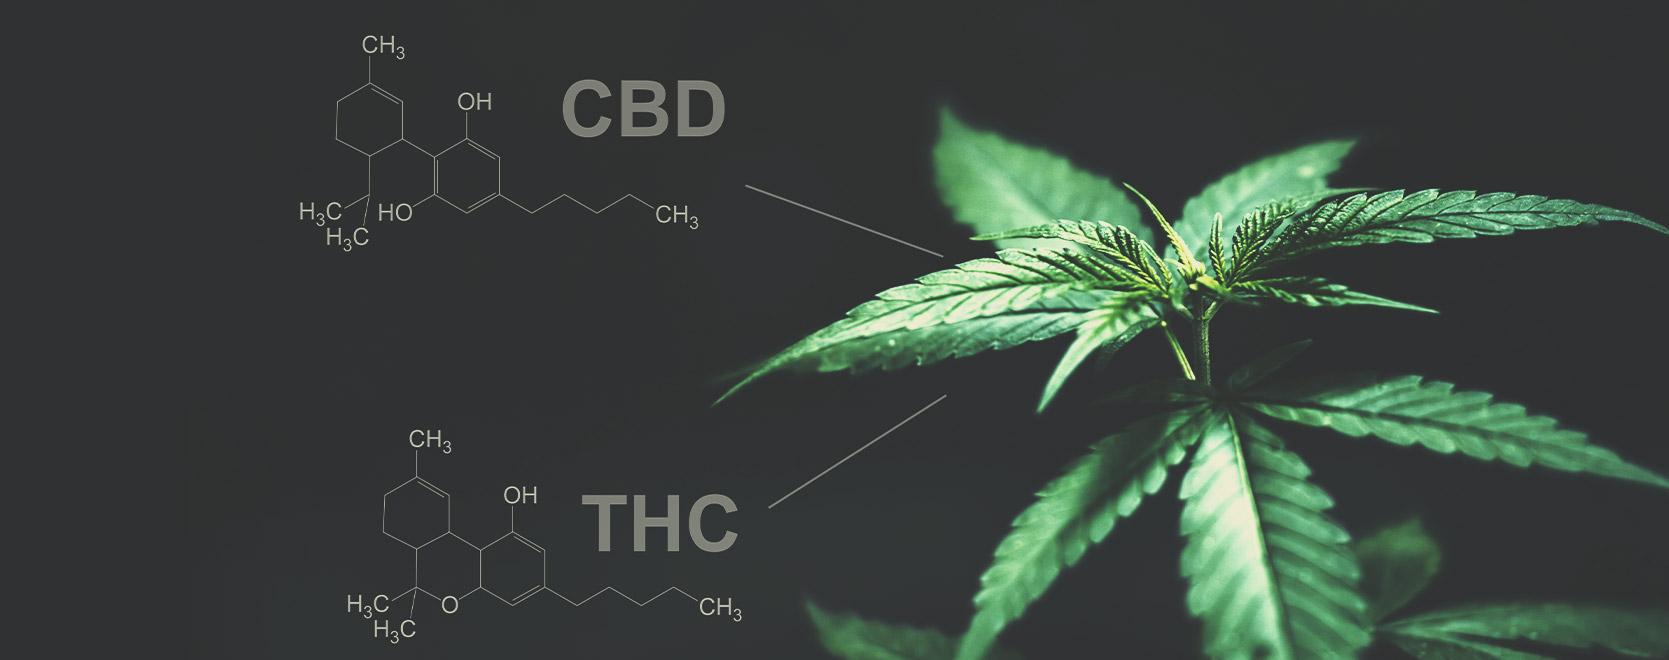 Is er in dit opzicht een verschil tussen THC en CBD?